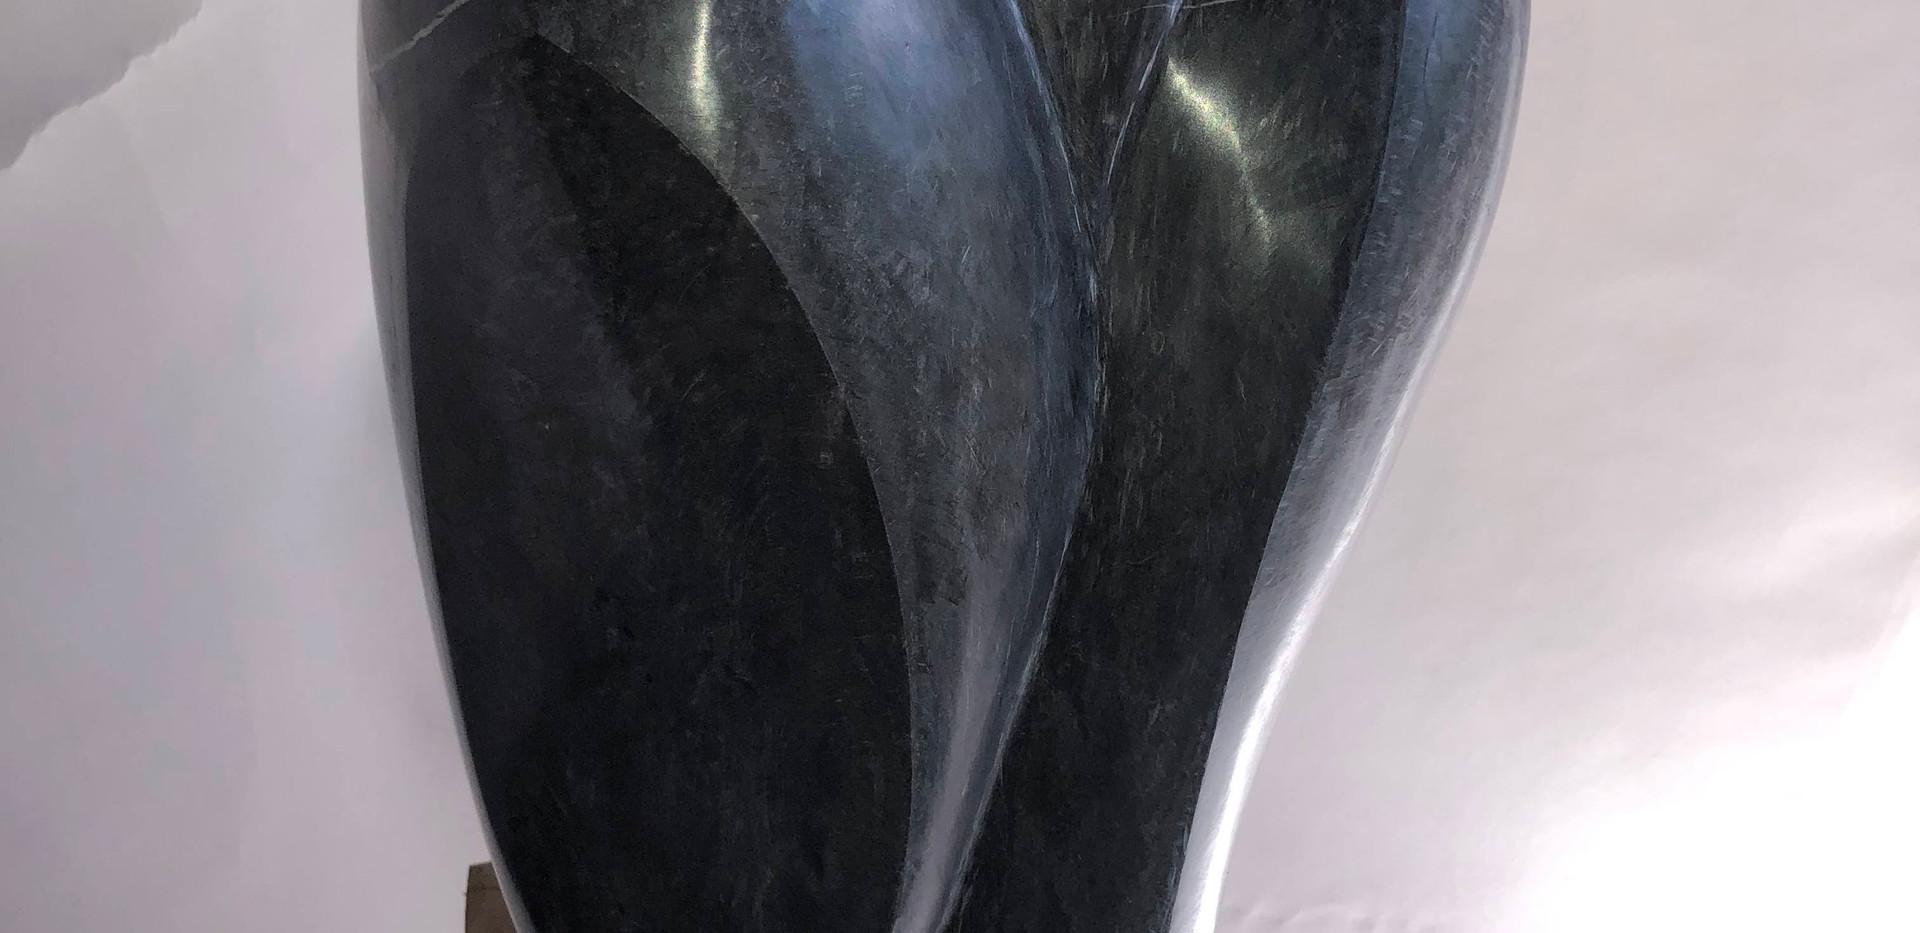 IMG_0028.jpgMondnachtgesicht, Kalkstein Ringgenberg, BE auf Eichensockel. H 127 cm, 22x30cm, 2020